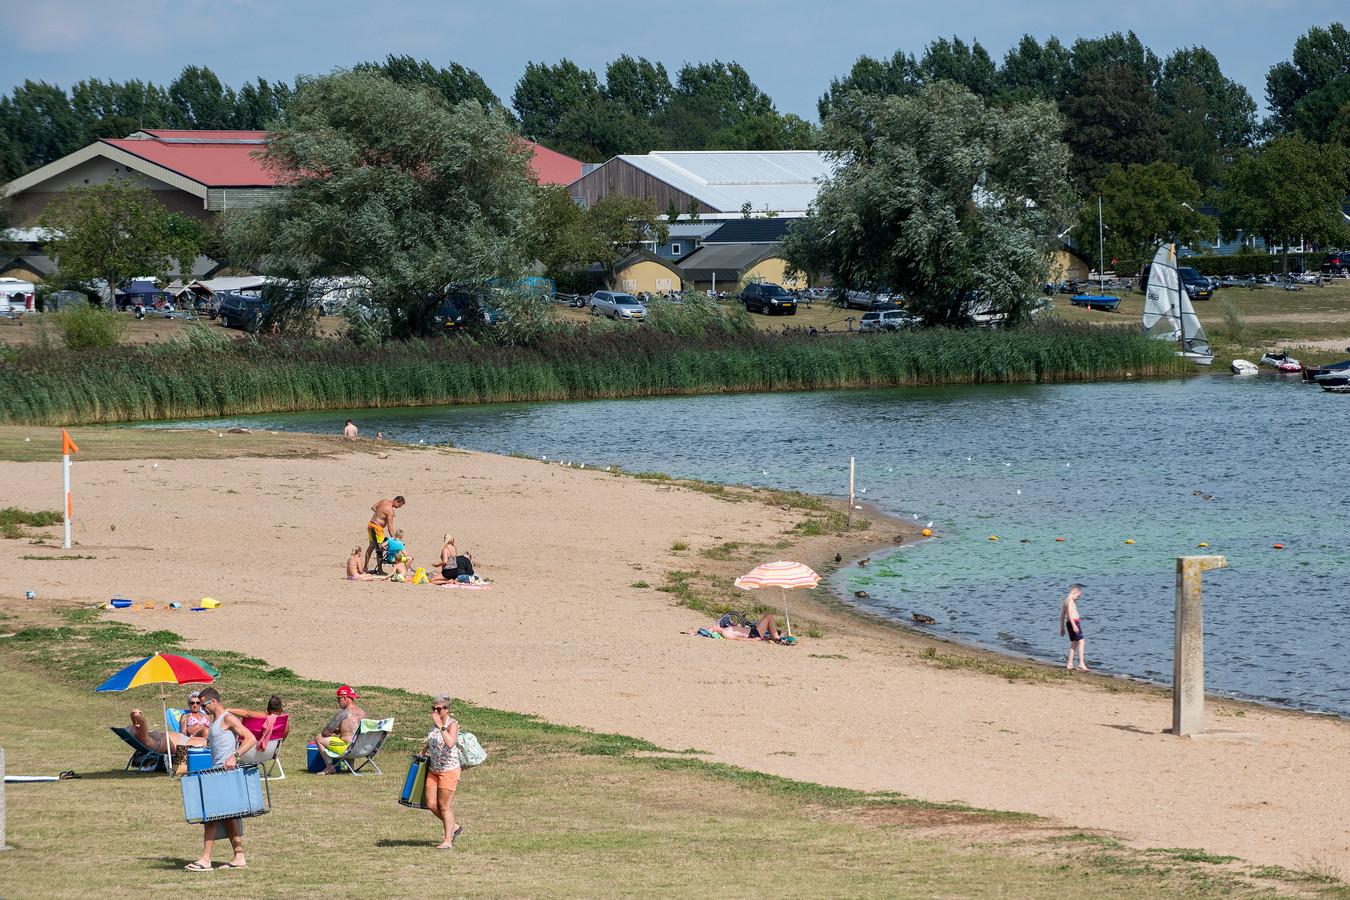 Blauwalg in het water van de recreatieplas Eiland van Maurik.